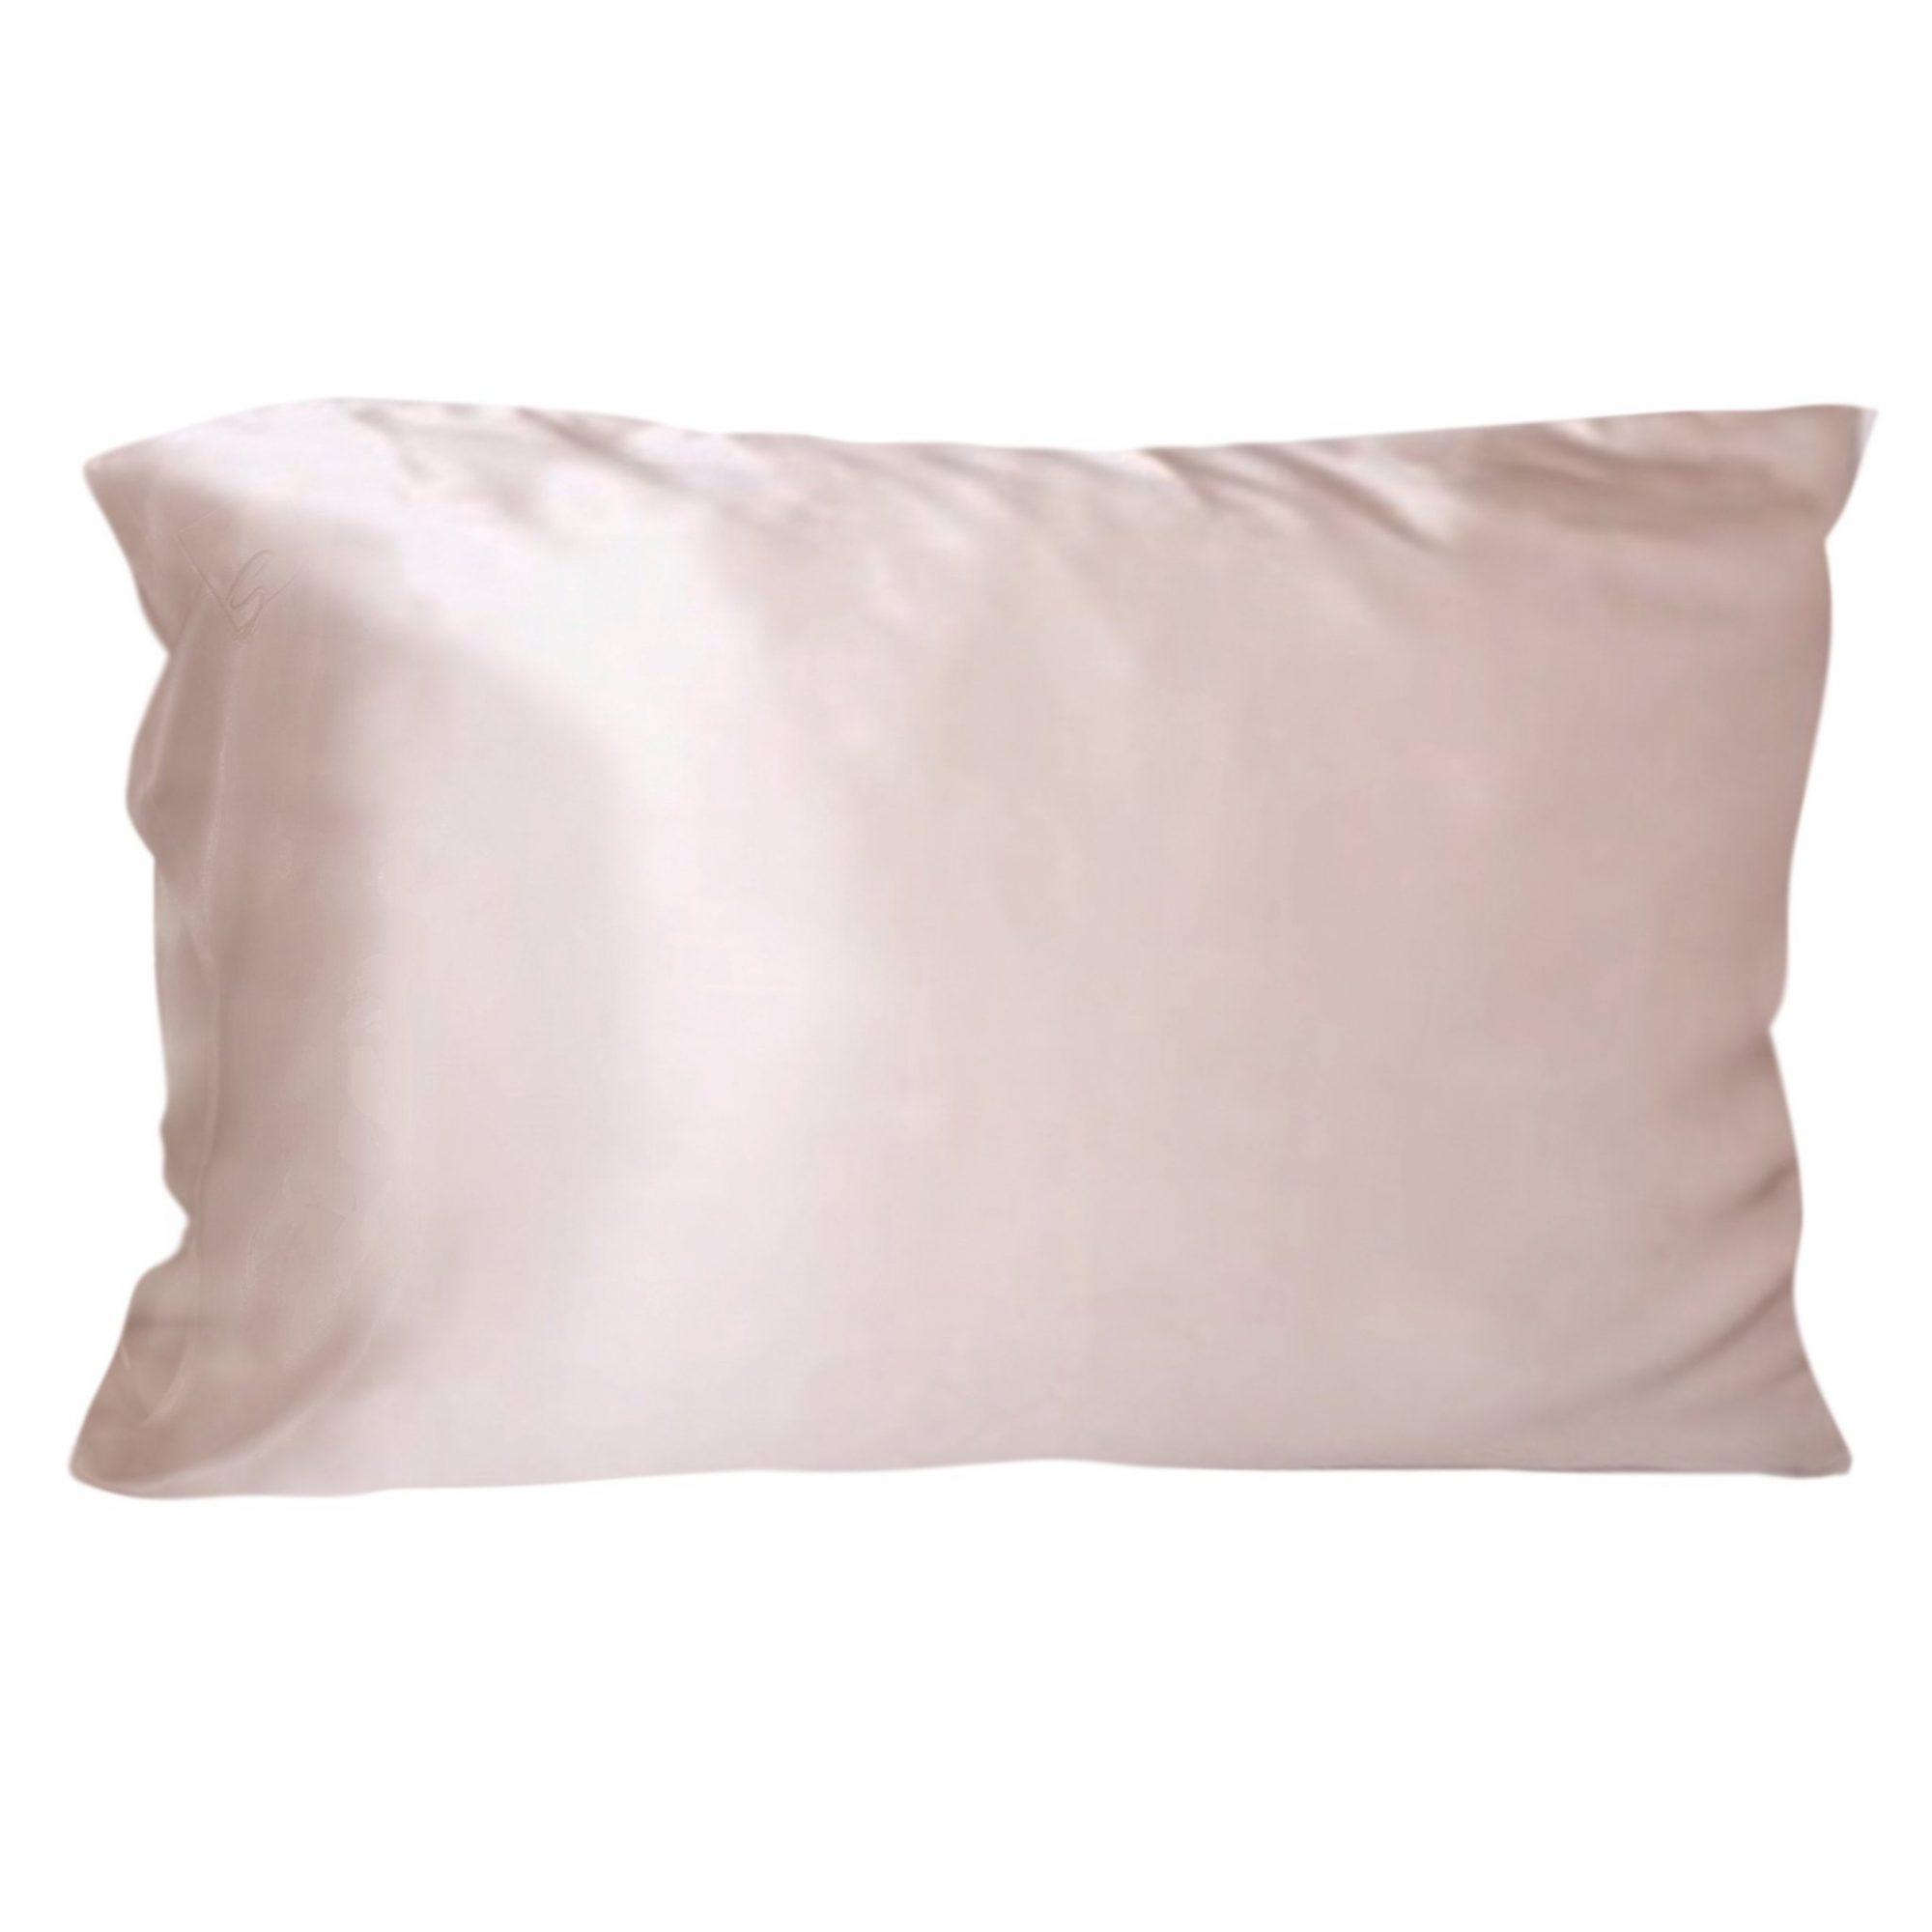 silk pillowcase sleep bed bedding